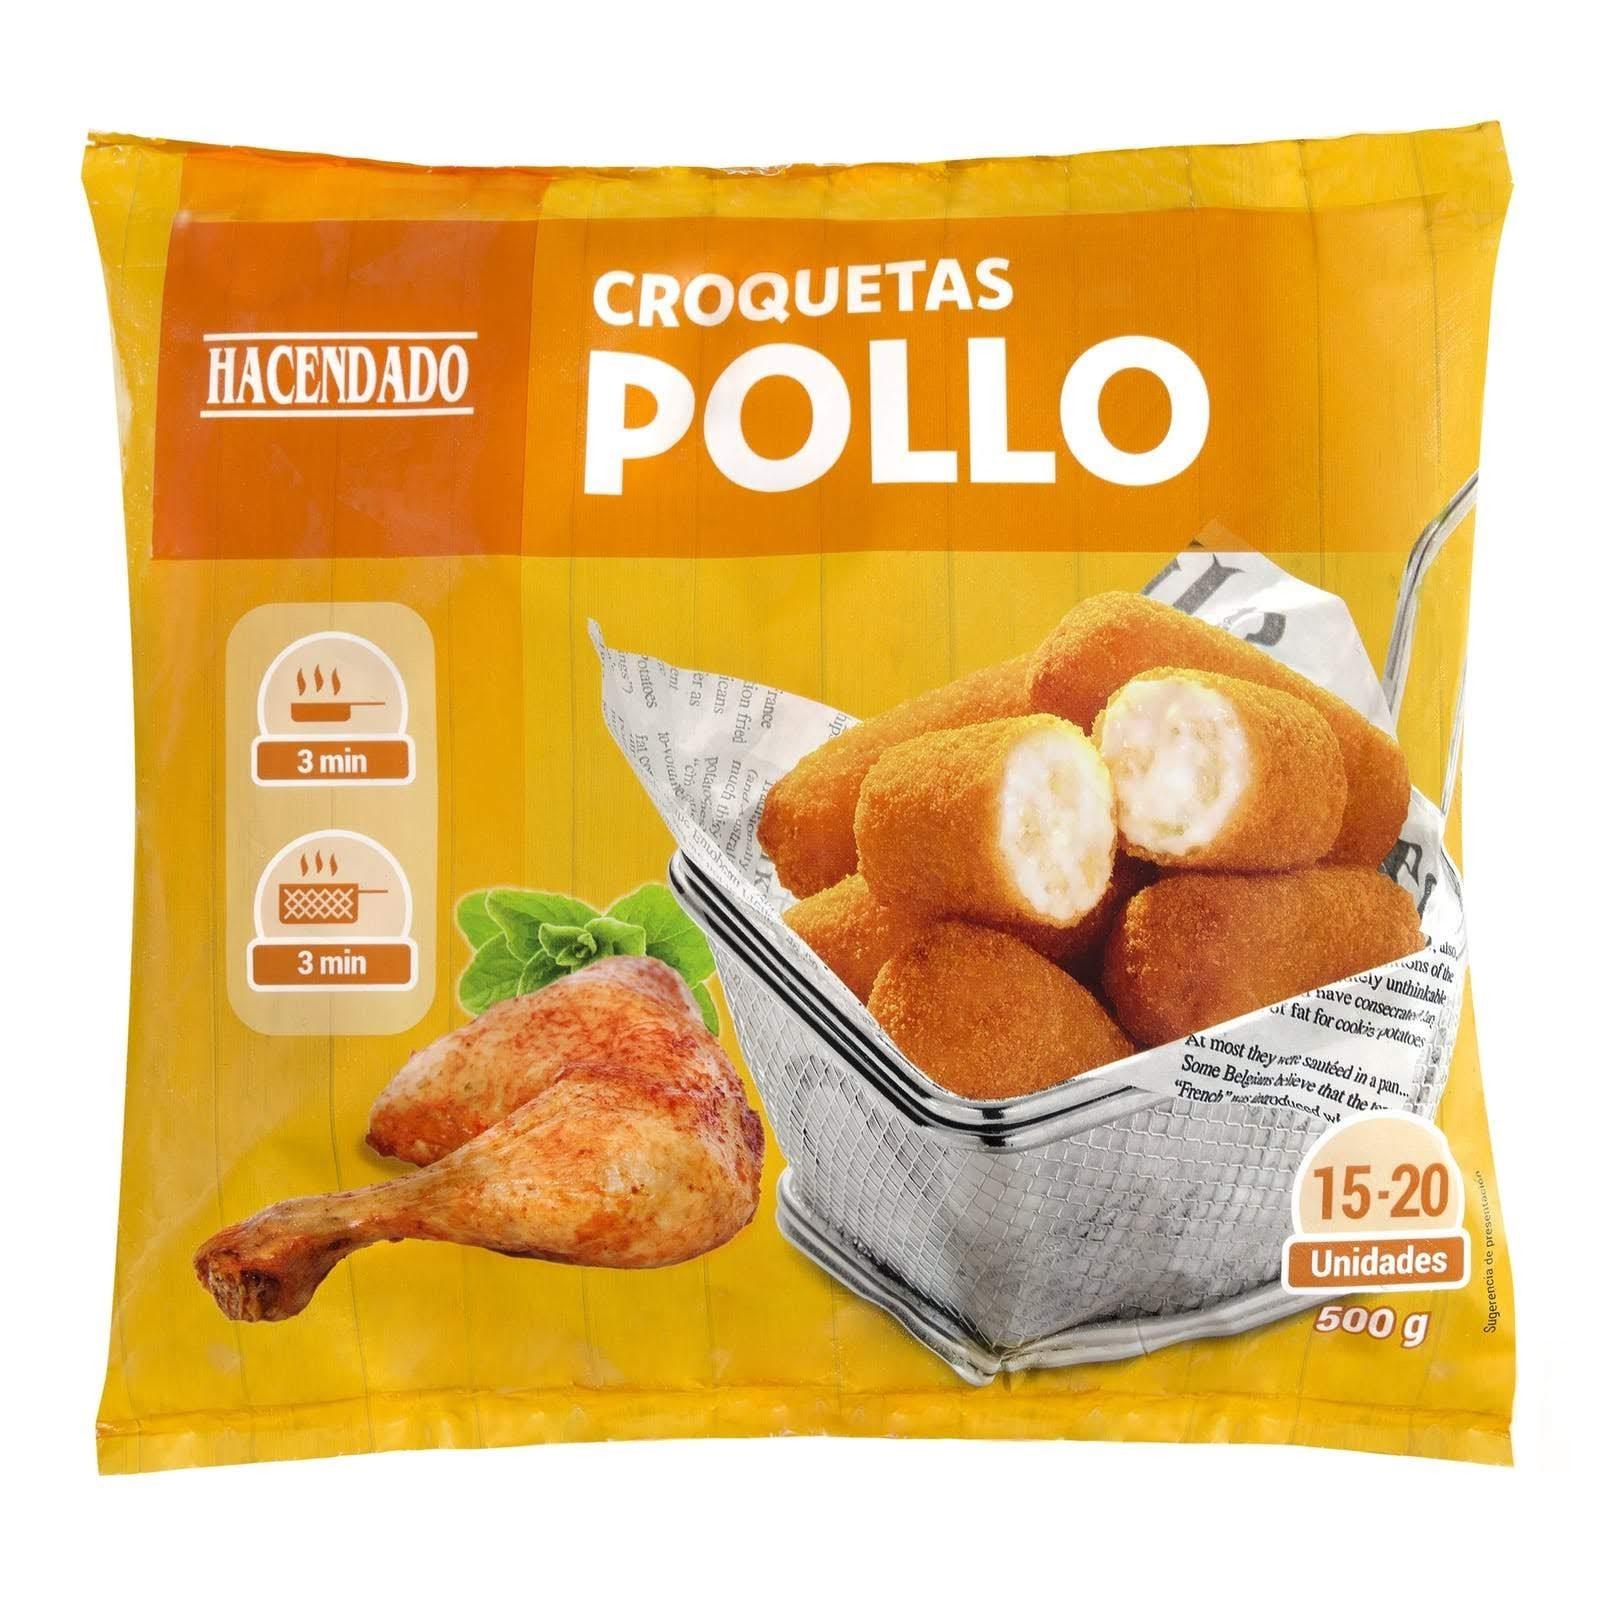 croquetas-de-pollo-hacendado-mercadona-1-1637025